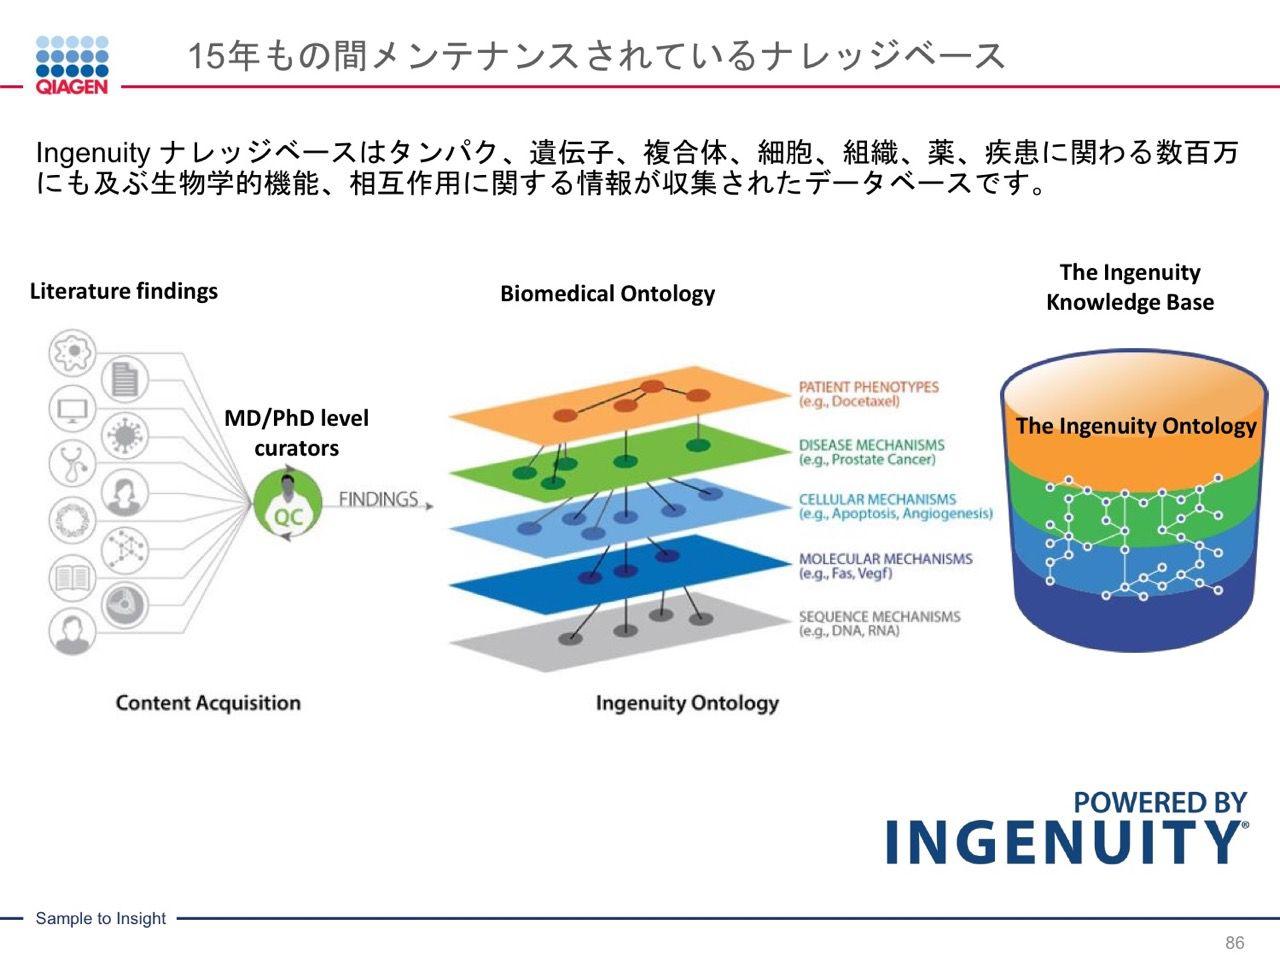 images/AJACSa2_miyamoto_086.jpg